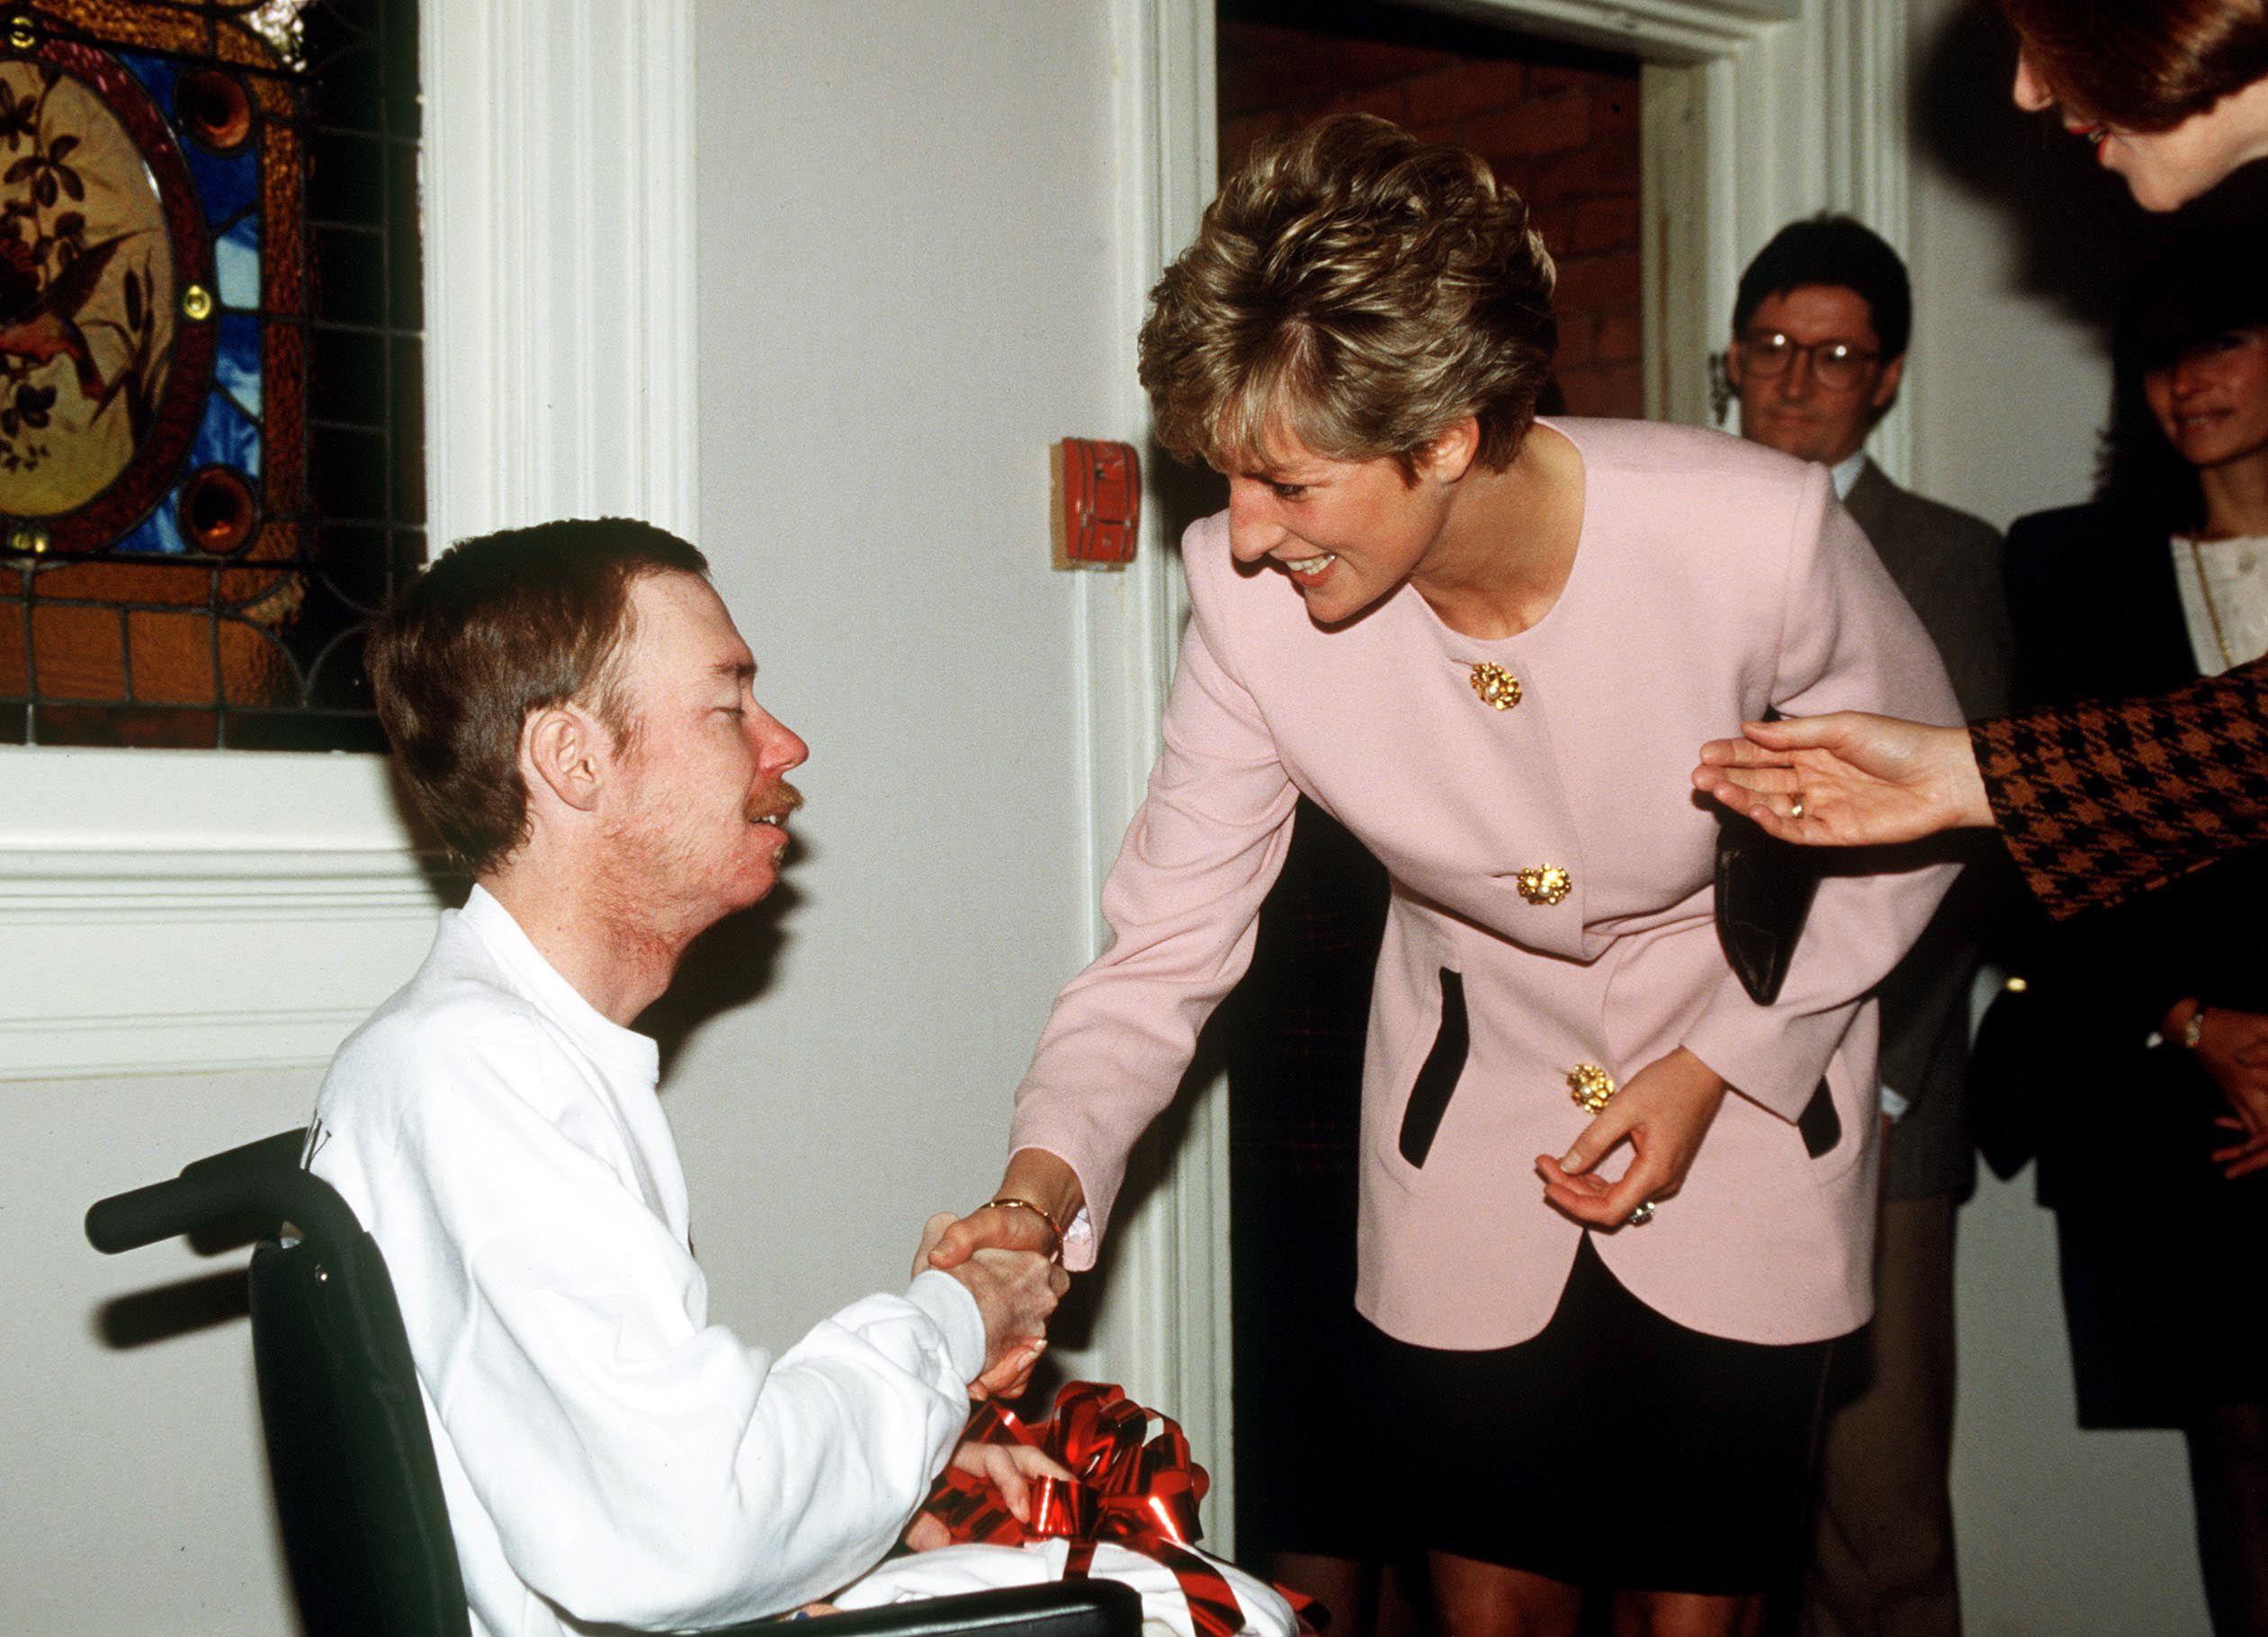 30 Princess Diana Of Wales Facts - Princess Diana's Life Story